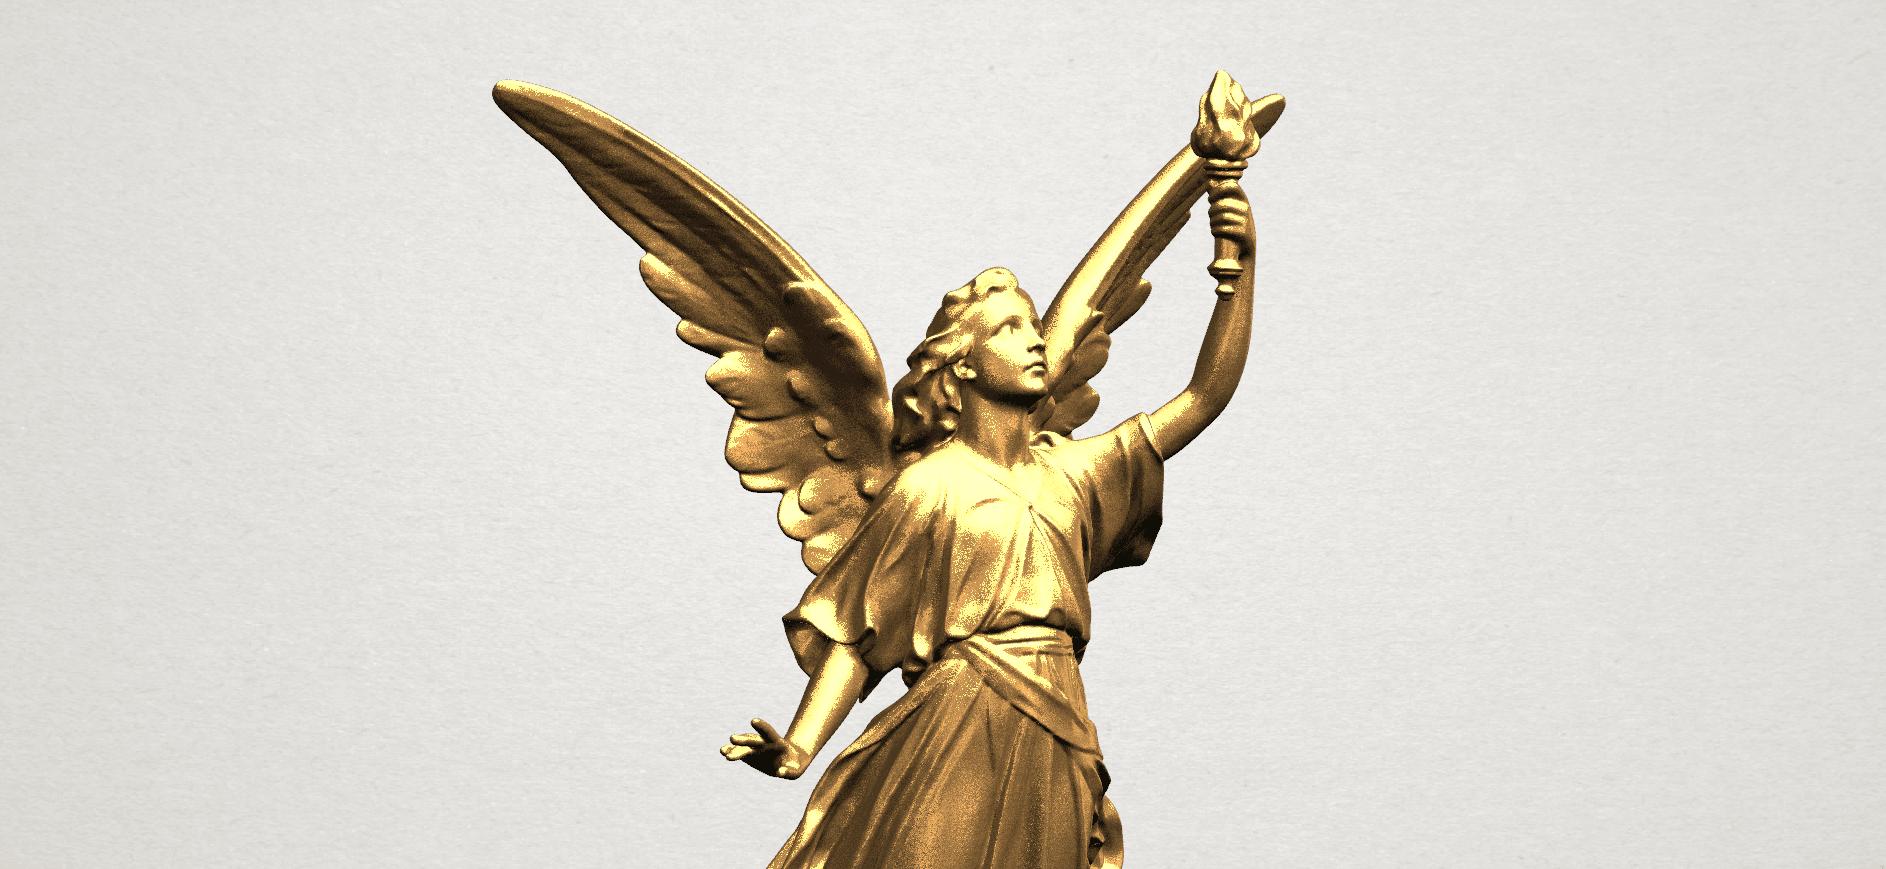 Statue 01 - A08.png Télécharger fichier STL gratuit Statue 01 • Design à imprimer en 3D, GeorgesNikkei